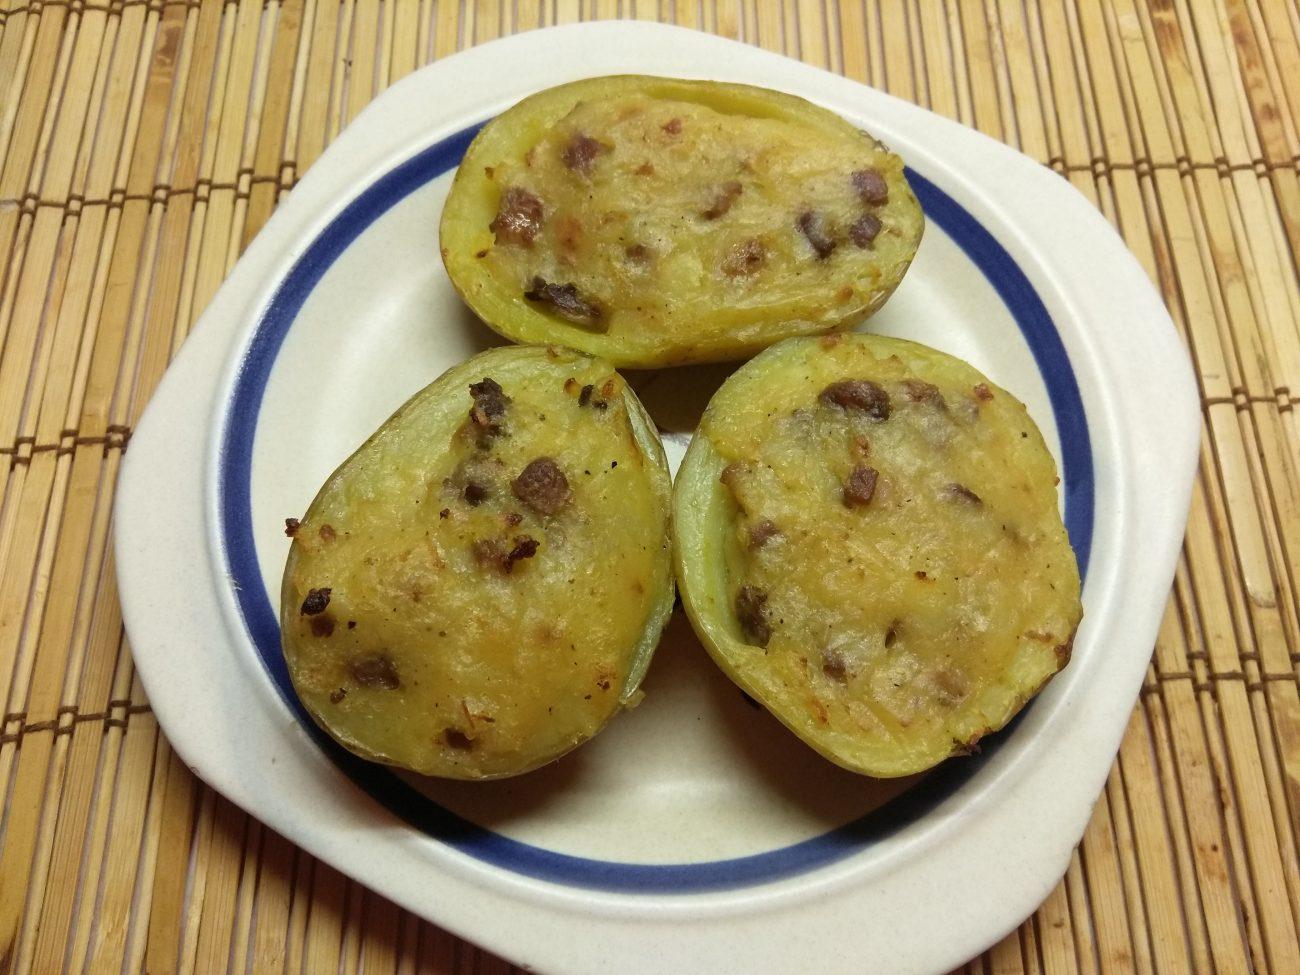 Половинки картофеля, запеченные со шкварками